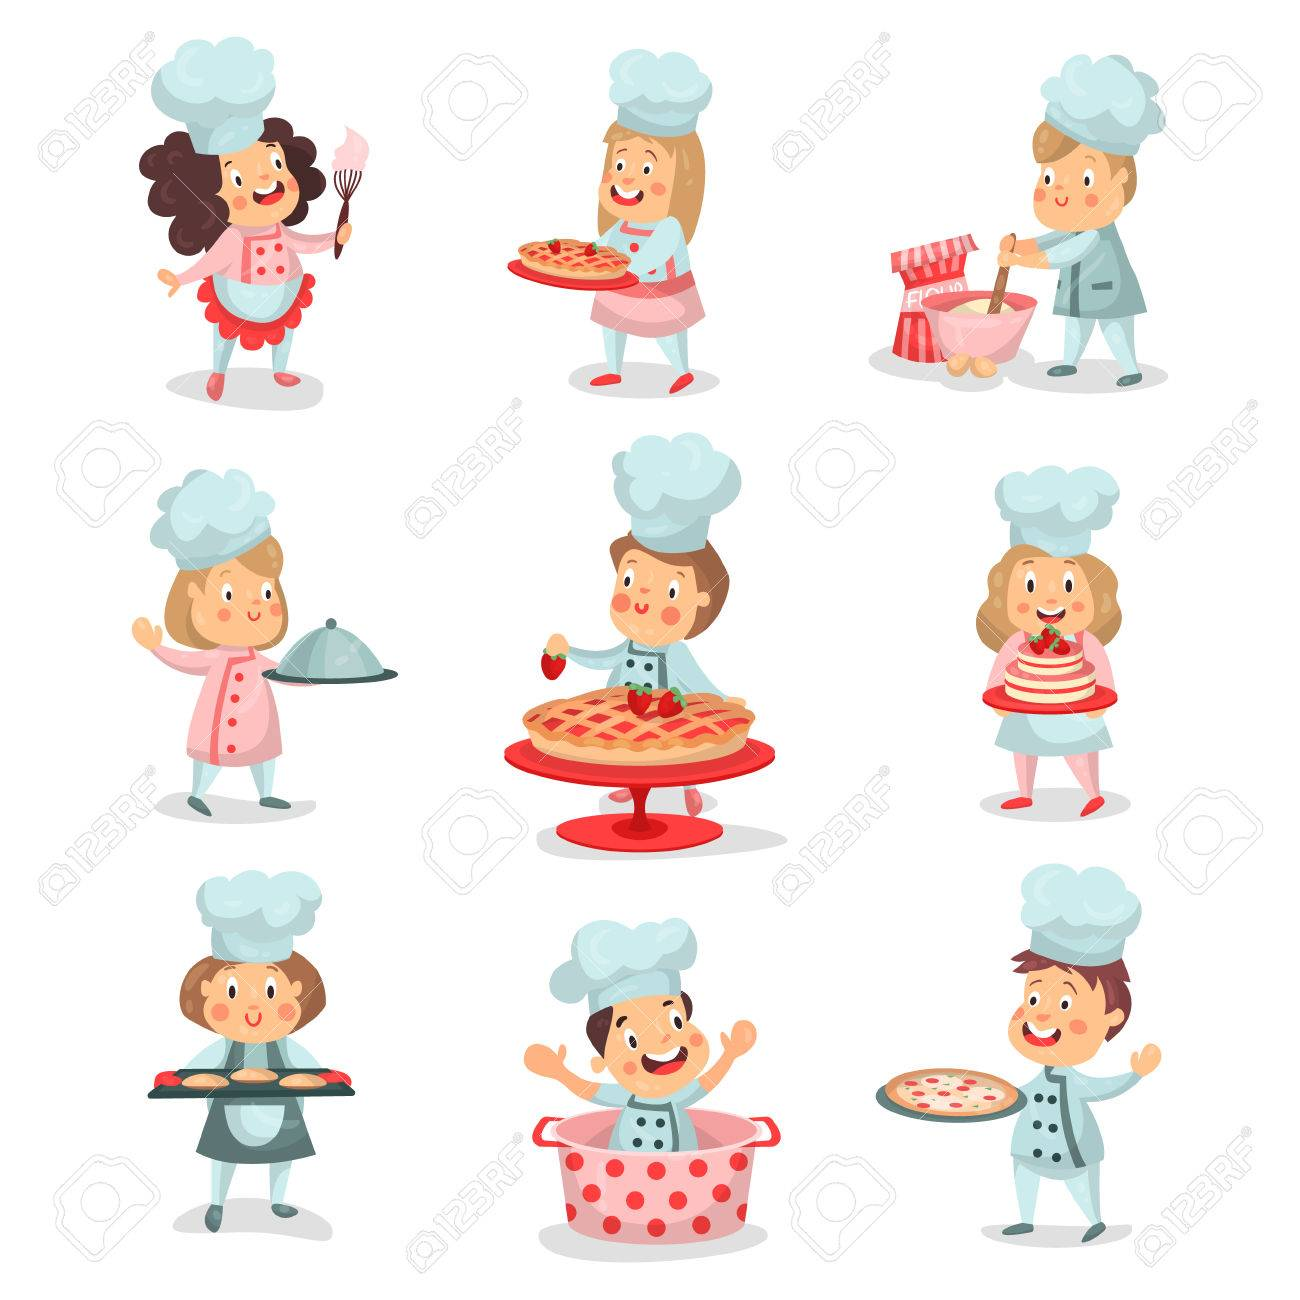 Personaje de dibujos animados chef cocinero niño con olla gris